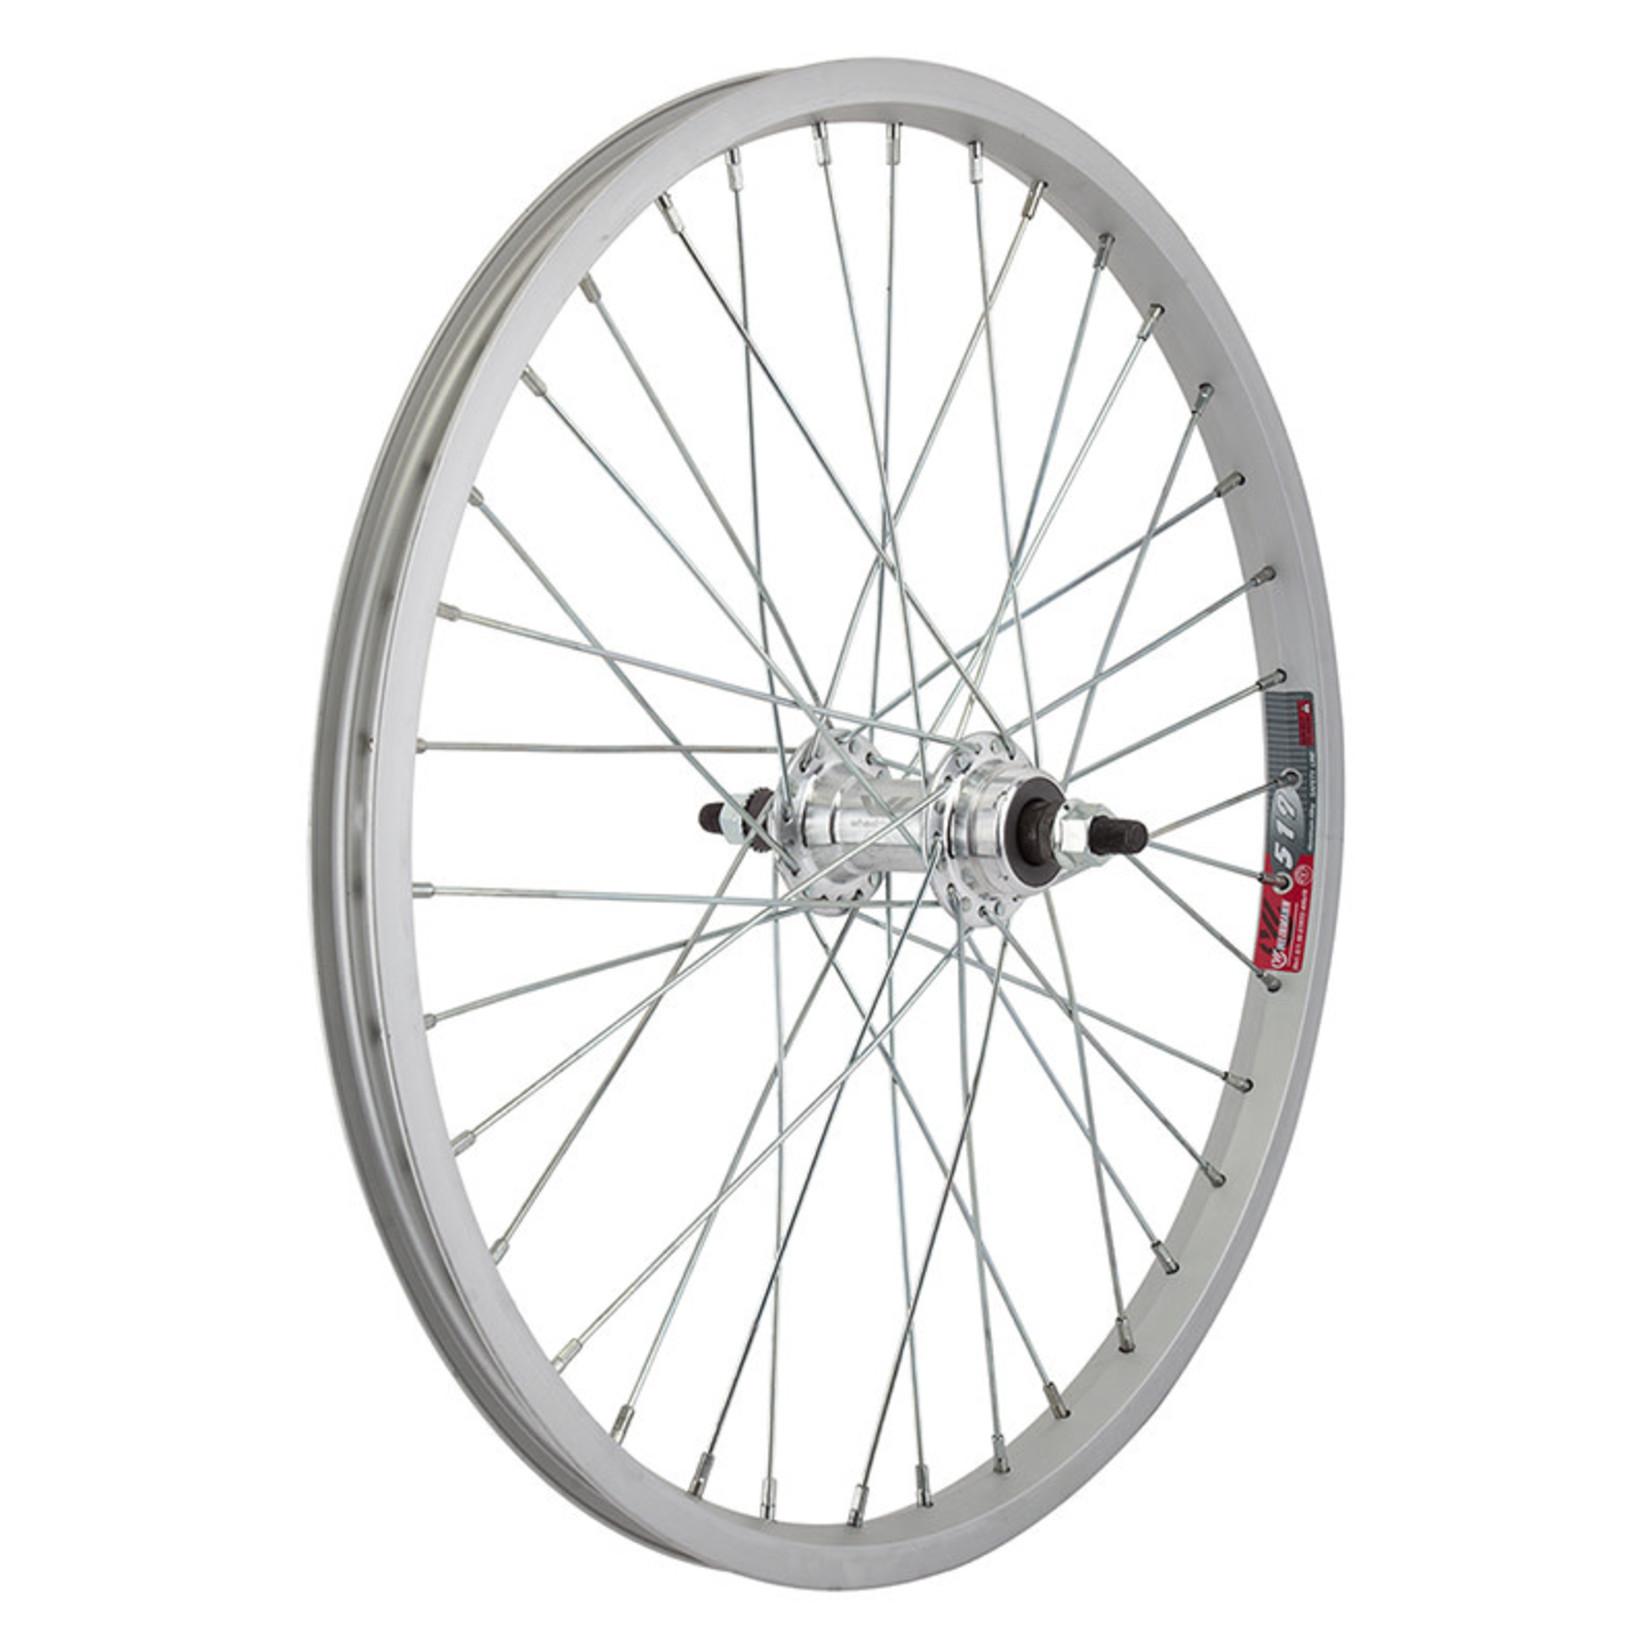 20x1.75 Rear Wheel Alloy FW BO 3/8 110mm 14g Silver Single Wall